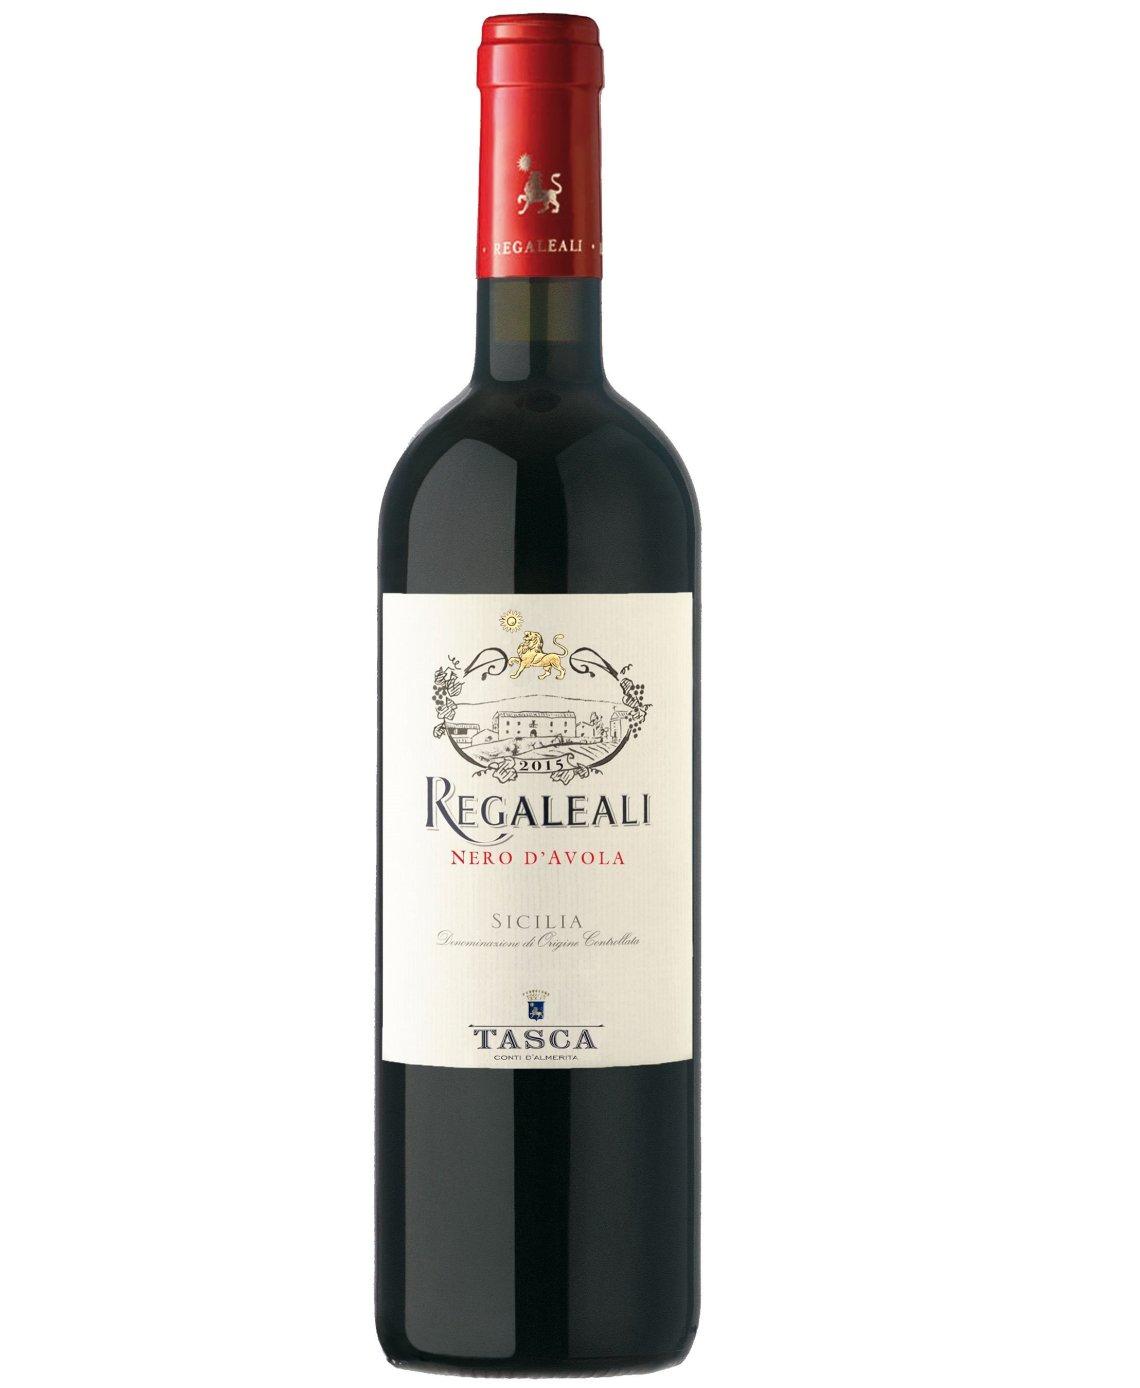 2016 Tasca Regaleali Nero d'Avola Sicilia